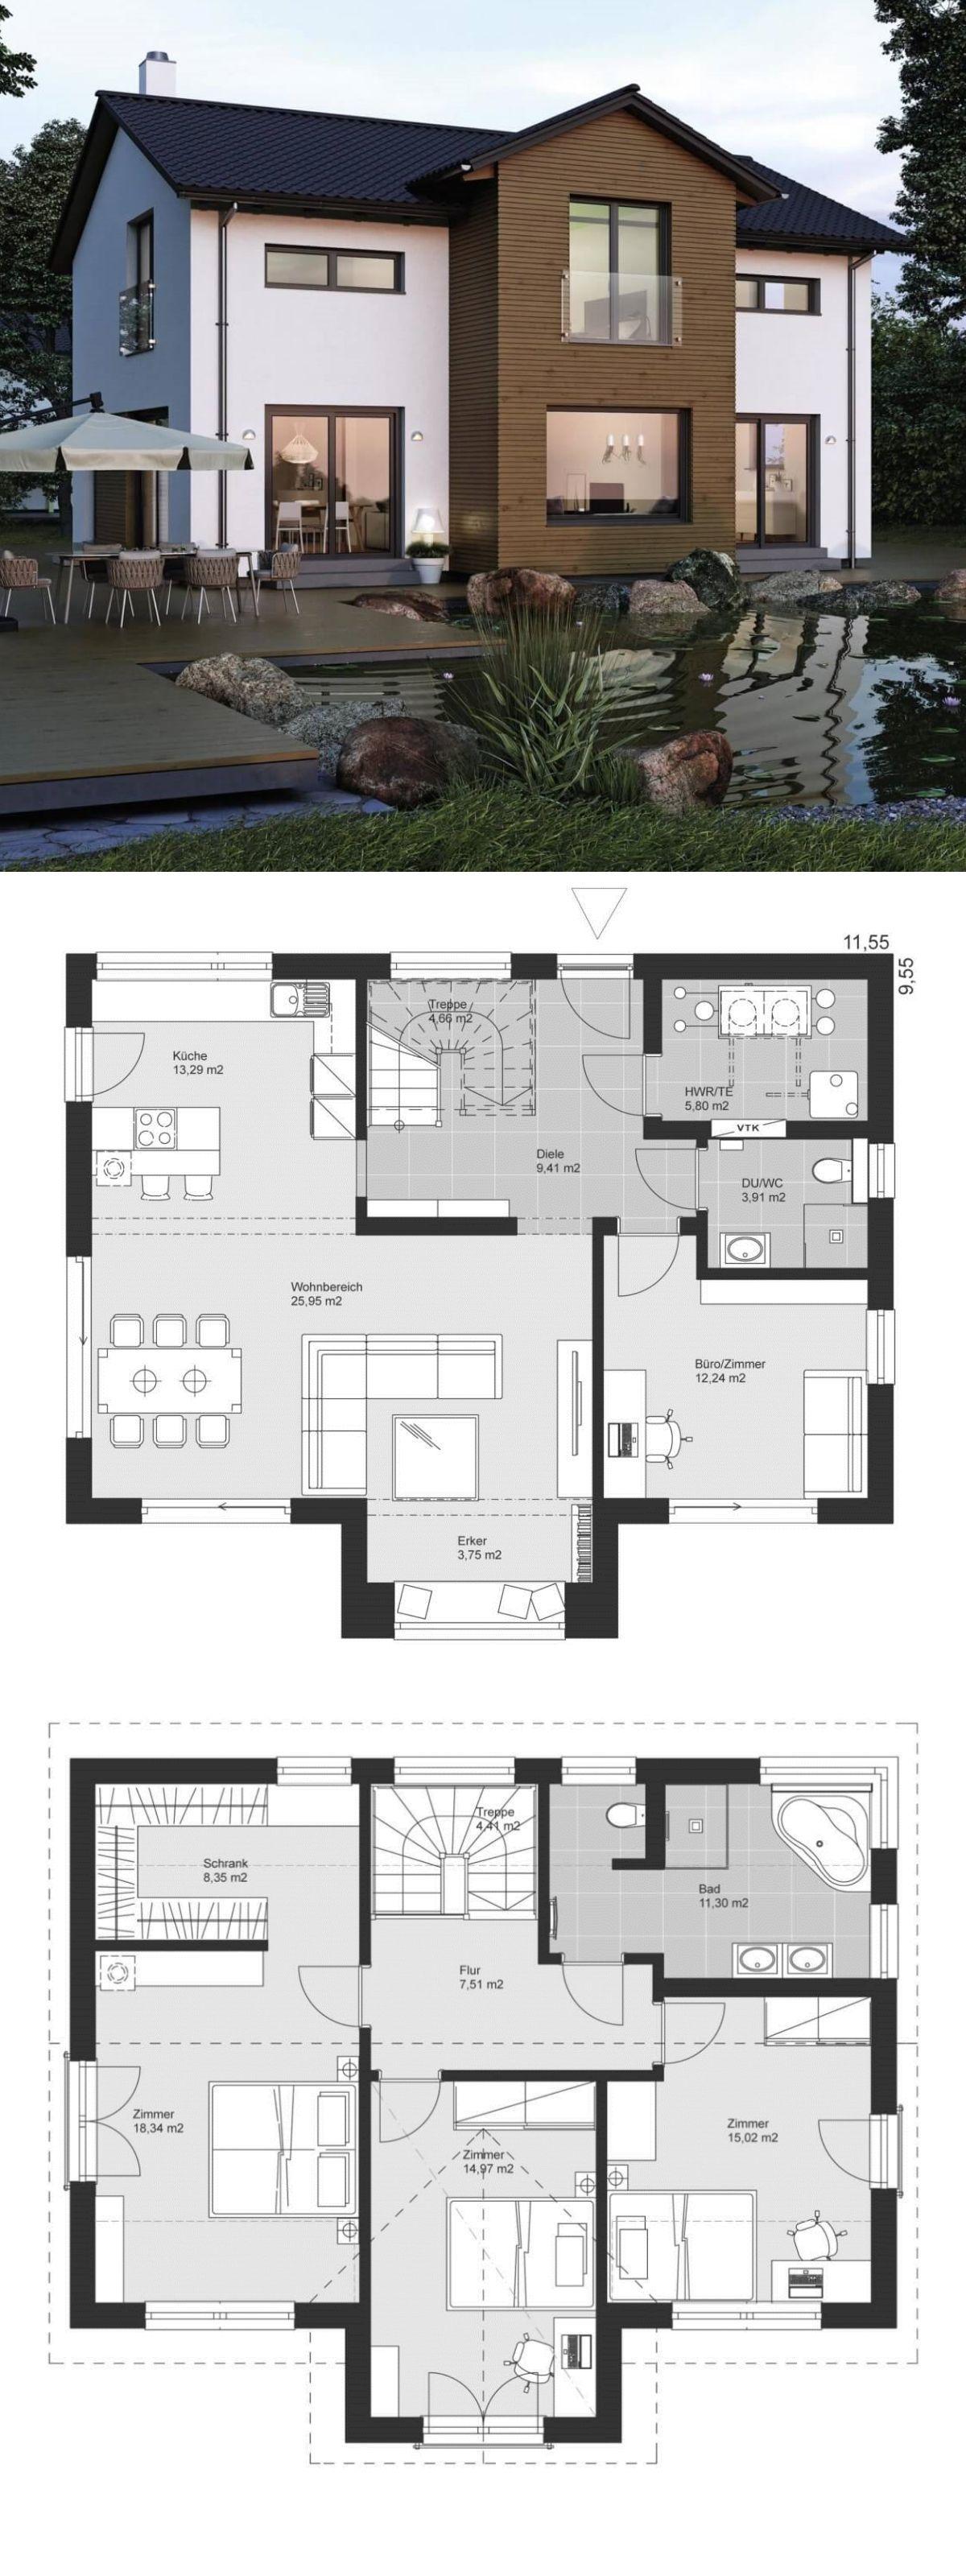 Modernes Einfamilienhaus im Landhausstil Grundriss mit Satteldach Architektur, Zwerchgiebel & Erker Anbau - Fertighaus bauen Ideen ELK Haus 158 - HausbauDirekt.de #casaspequeñas